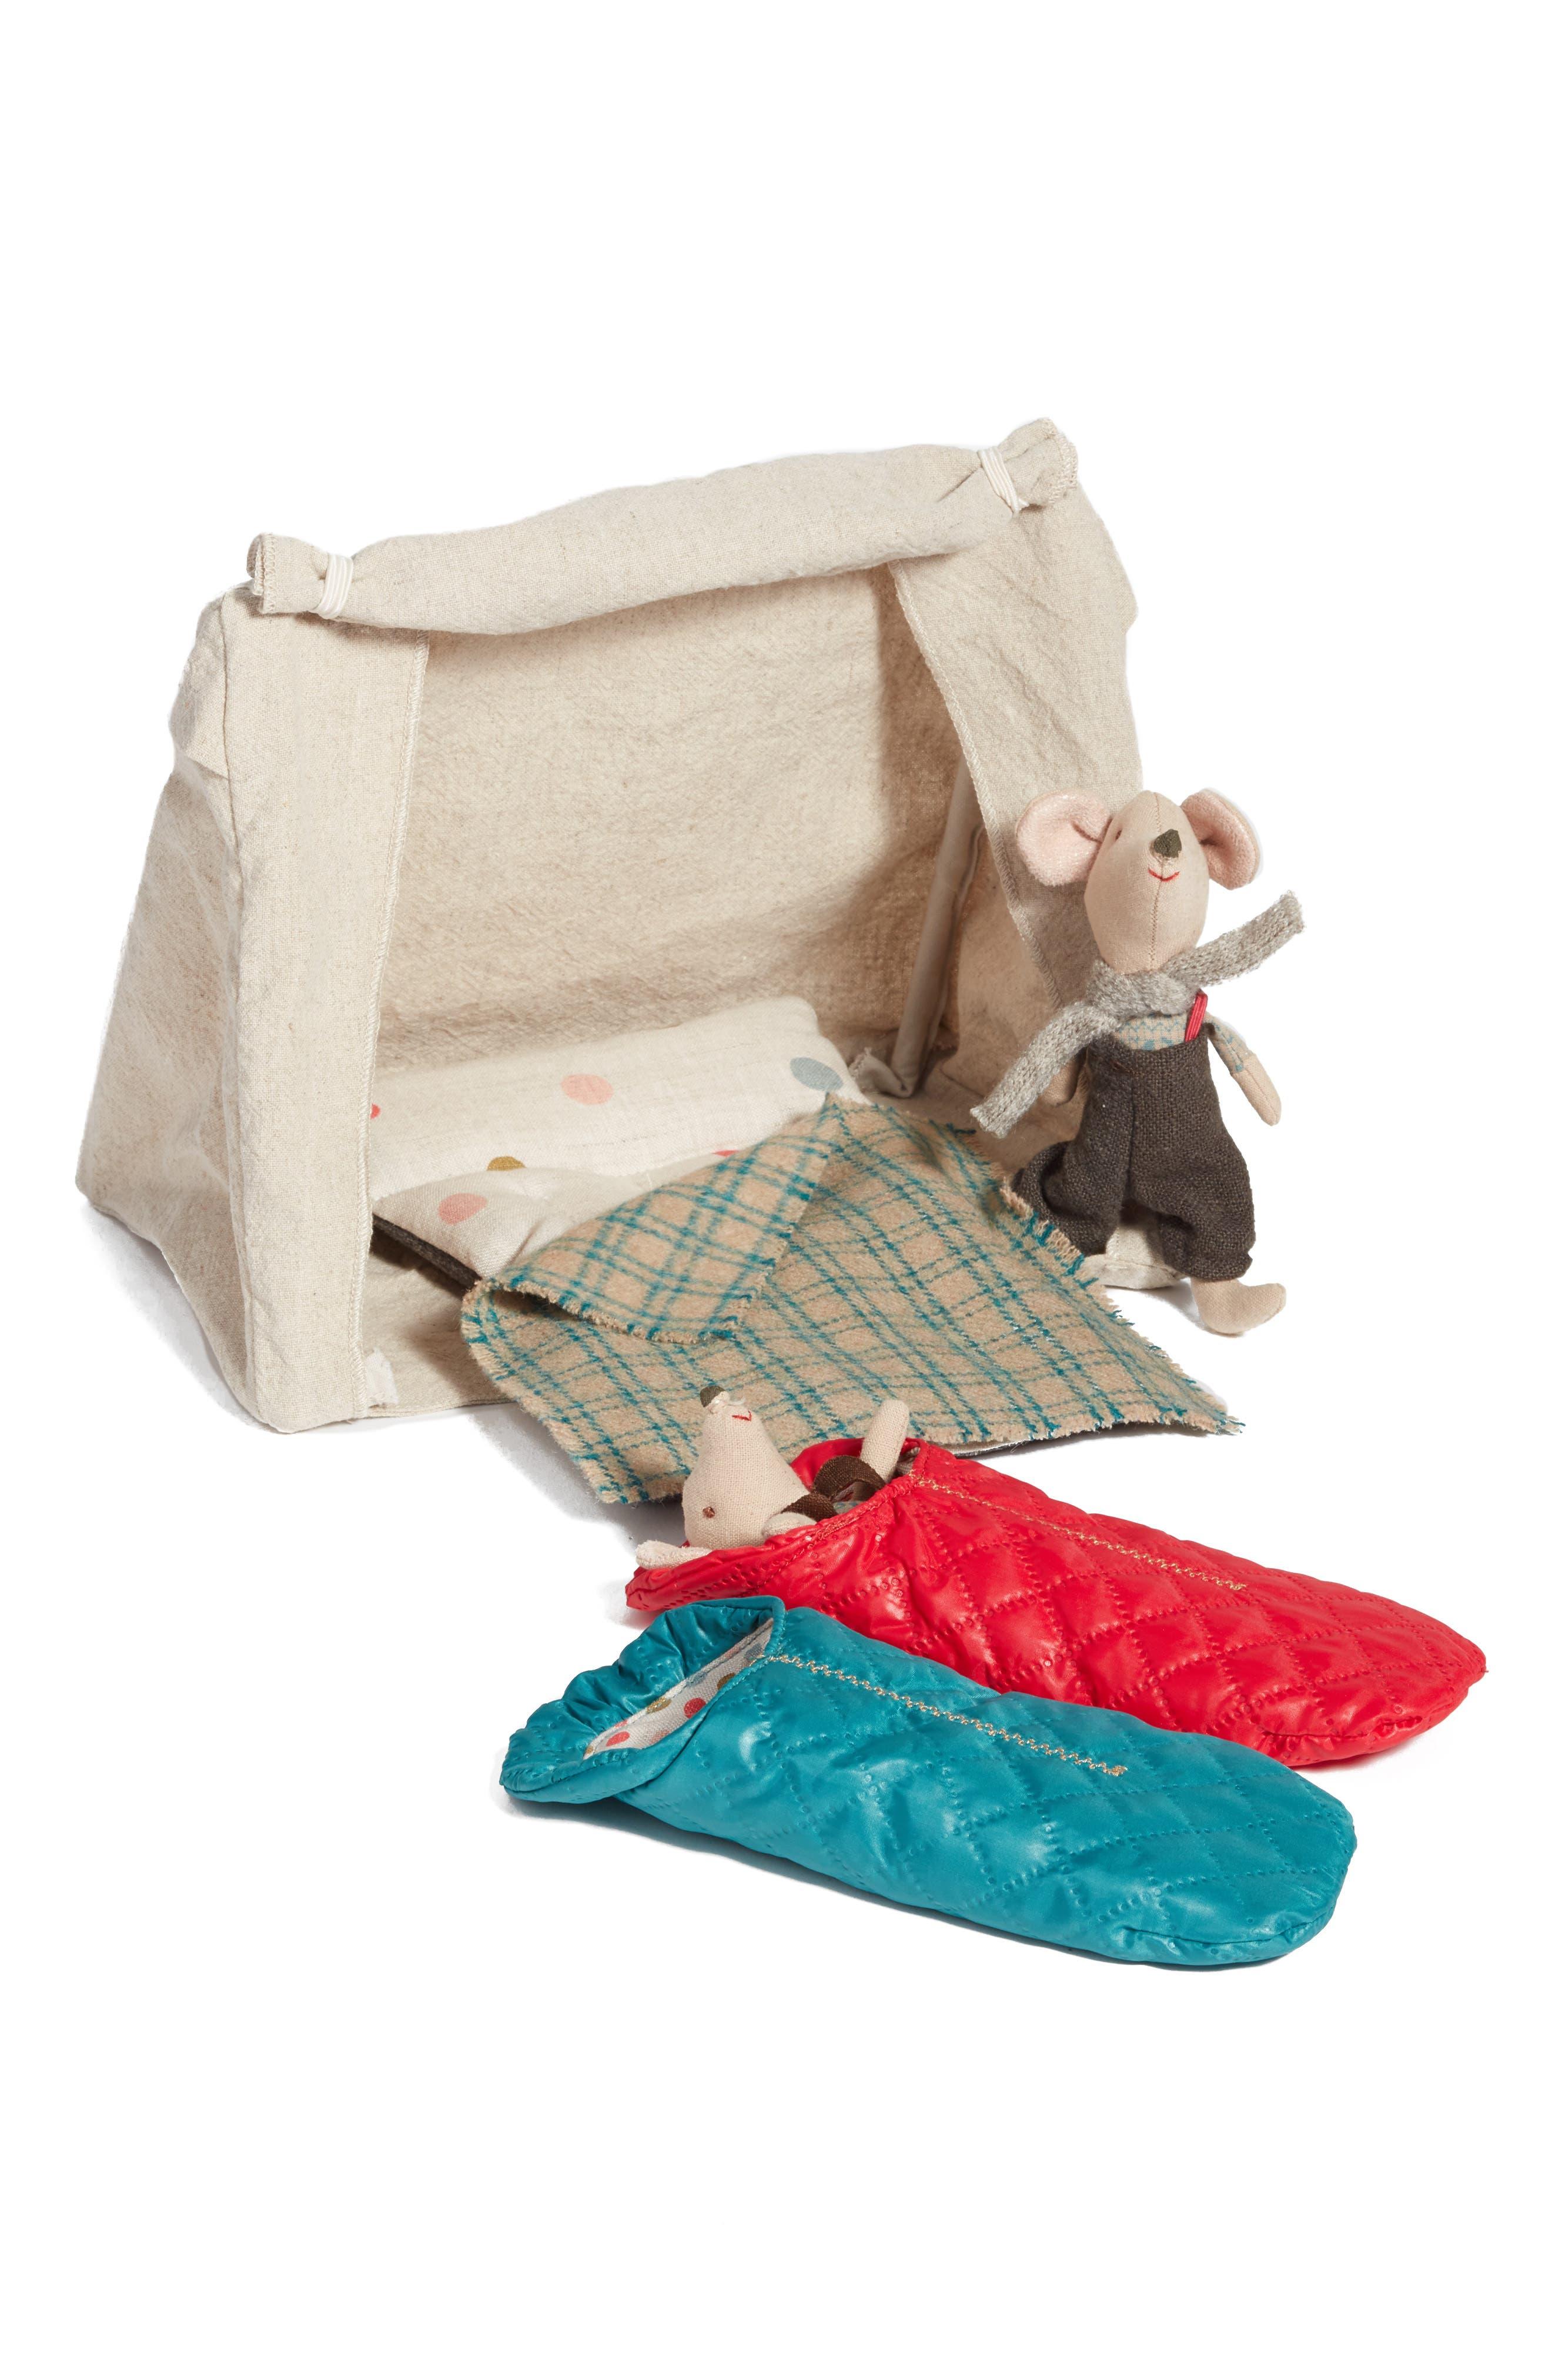 Mouse Tent 5-Piece Play Set,                             Main thumbnail 1, color,                             401